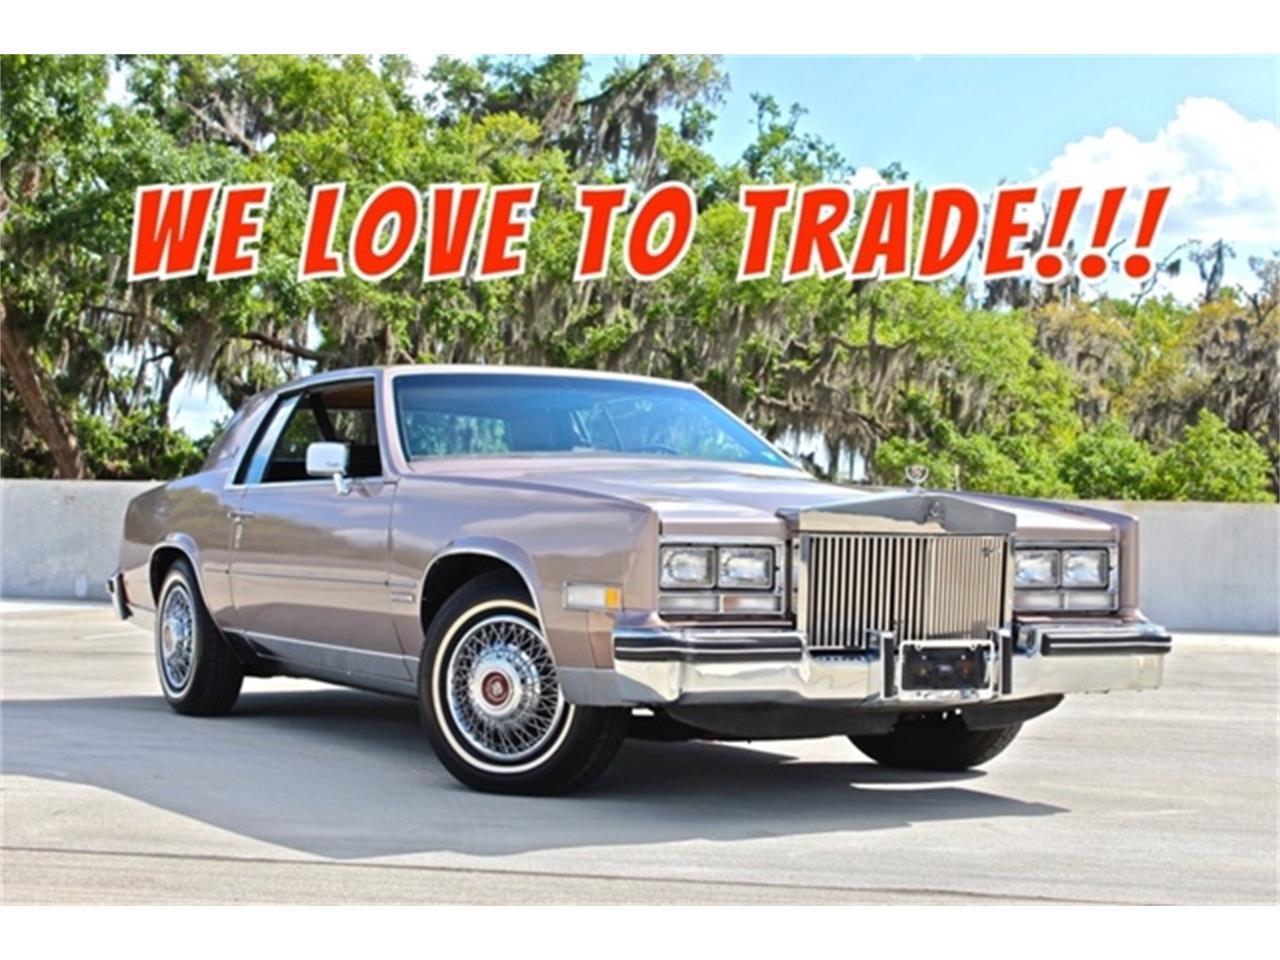 1983 cadillac eldorado for sale classiccars com cc 1070680 1983 cadillac eldorado for sale